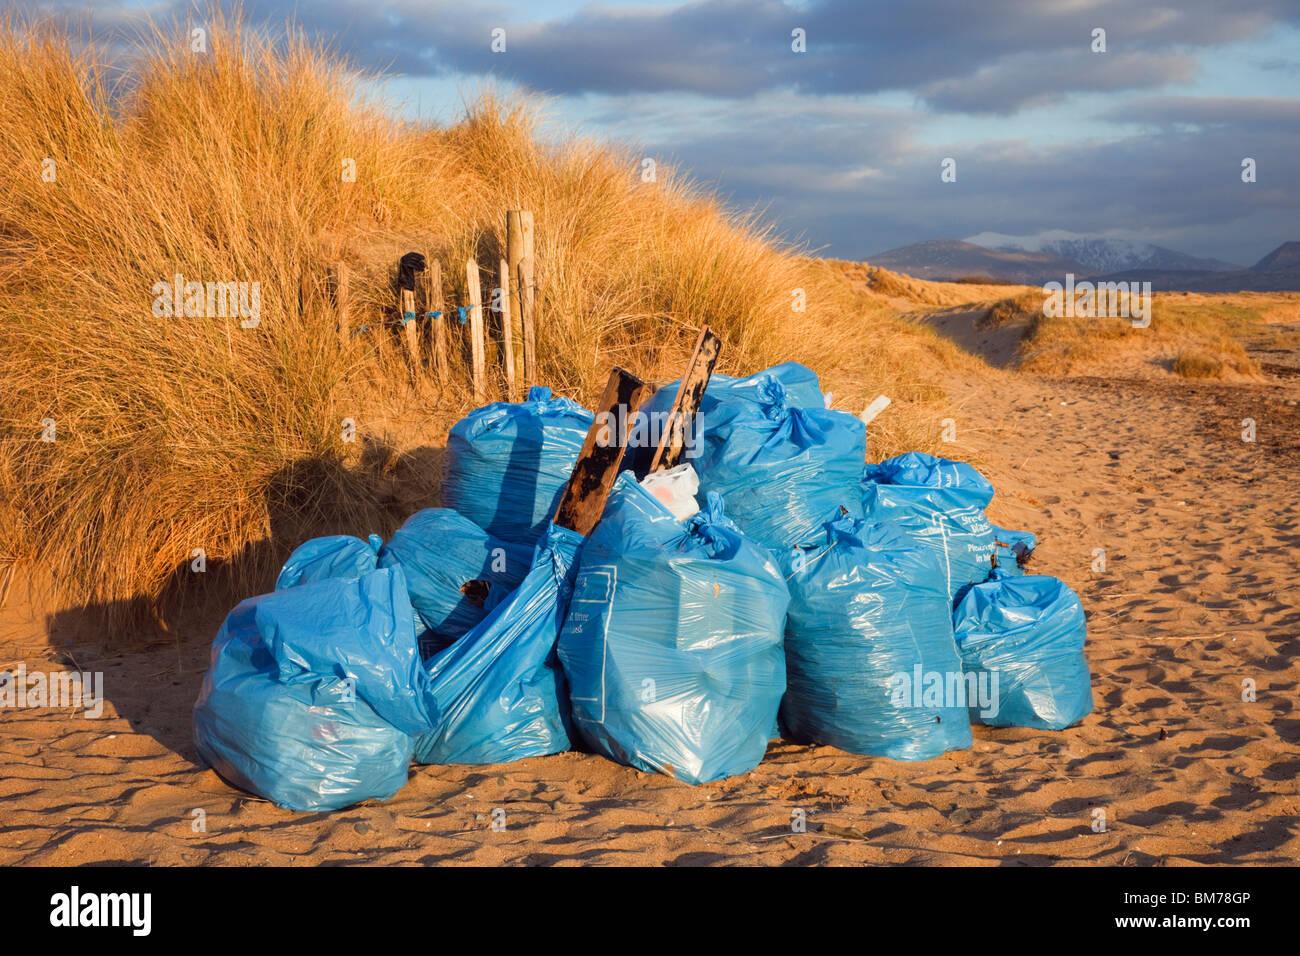 Bolsas de basura recolectada en la playa. Foto de stock